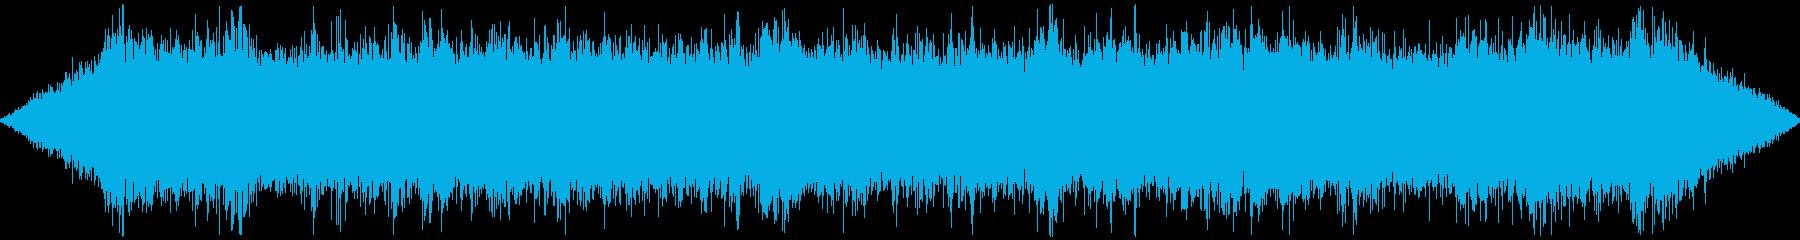 川辺の環境音・川の音・鳥のさえずりの再生済みの波形